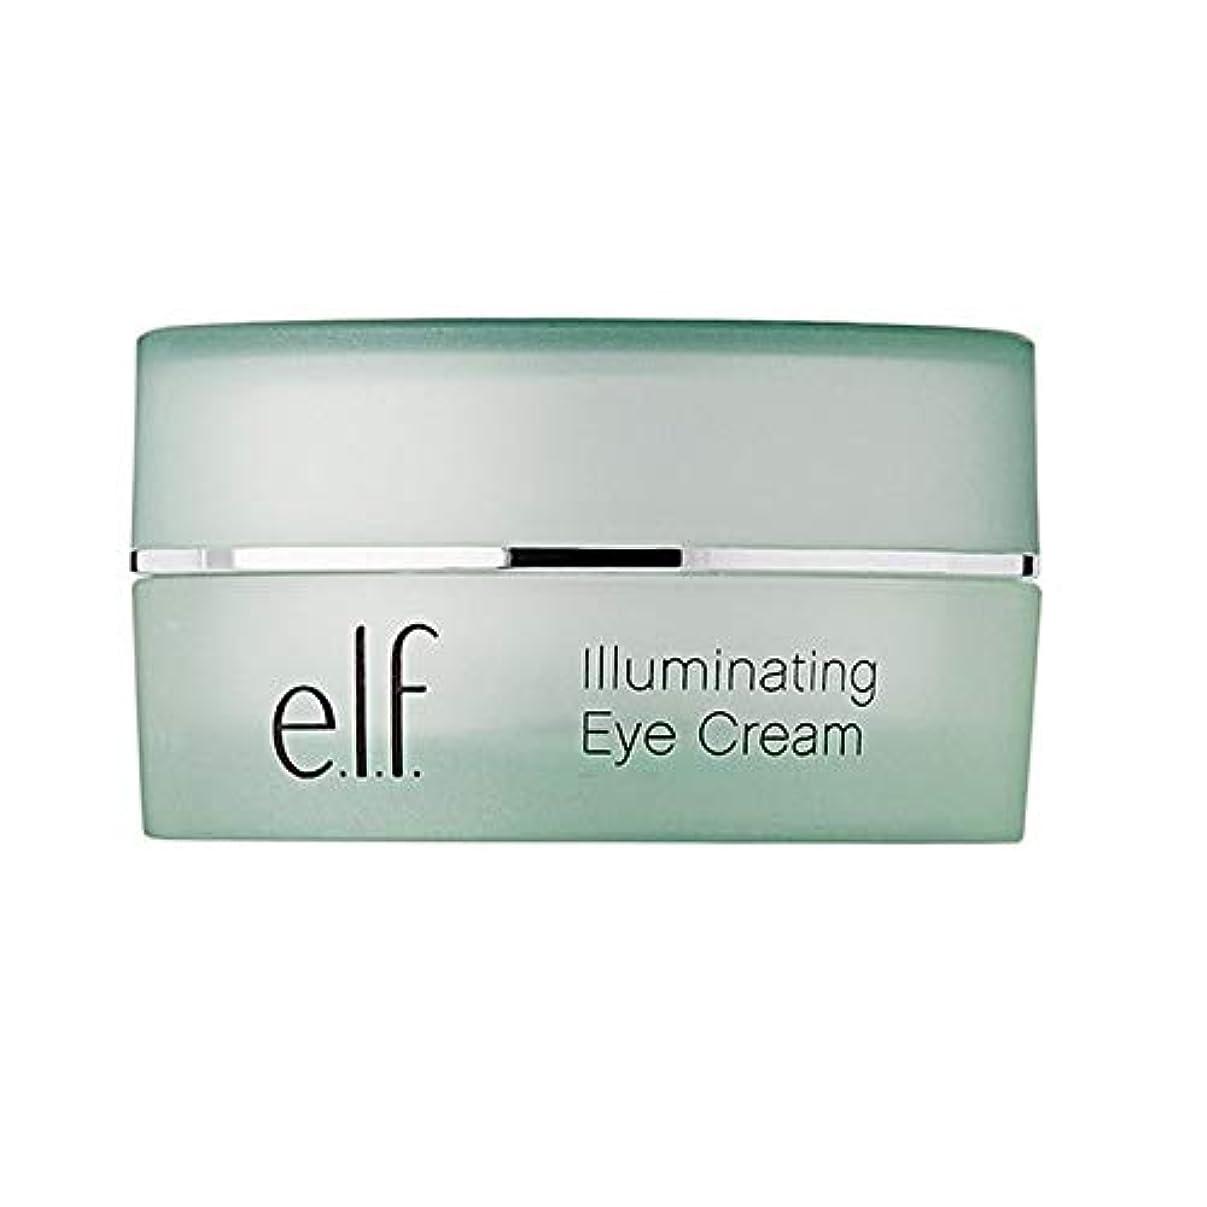 [Elf] エルフ。照明アイクリーム14グラム - e.l.f. Illuminating Eye Cream 14g [並行輸入品]